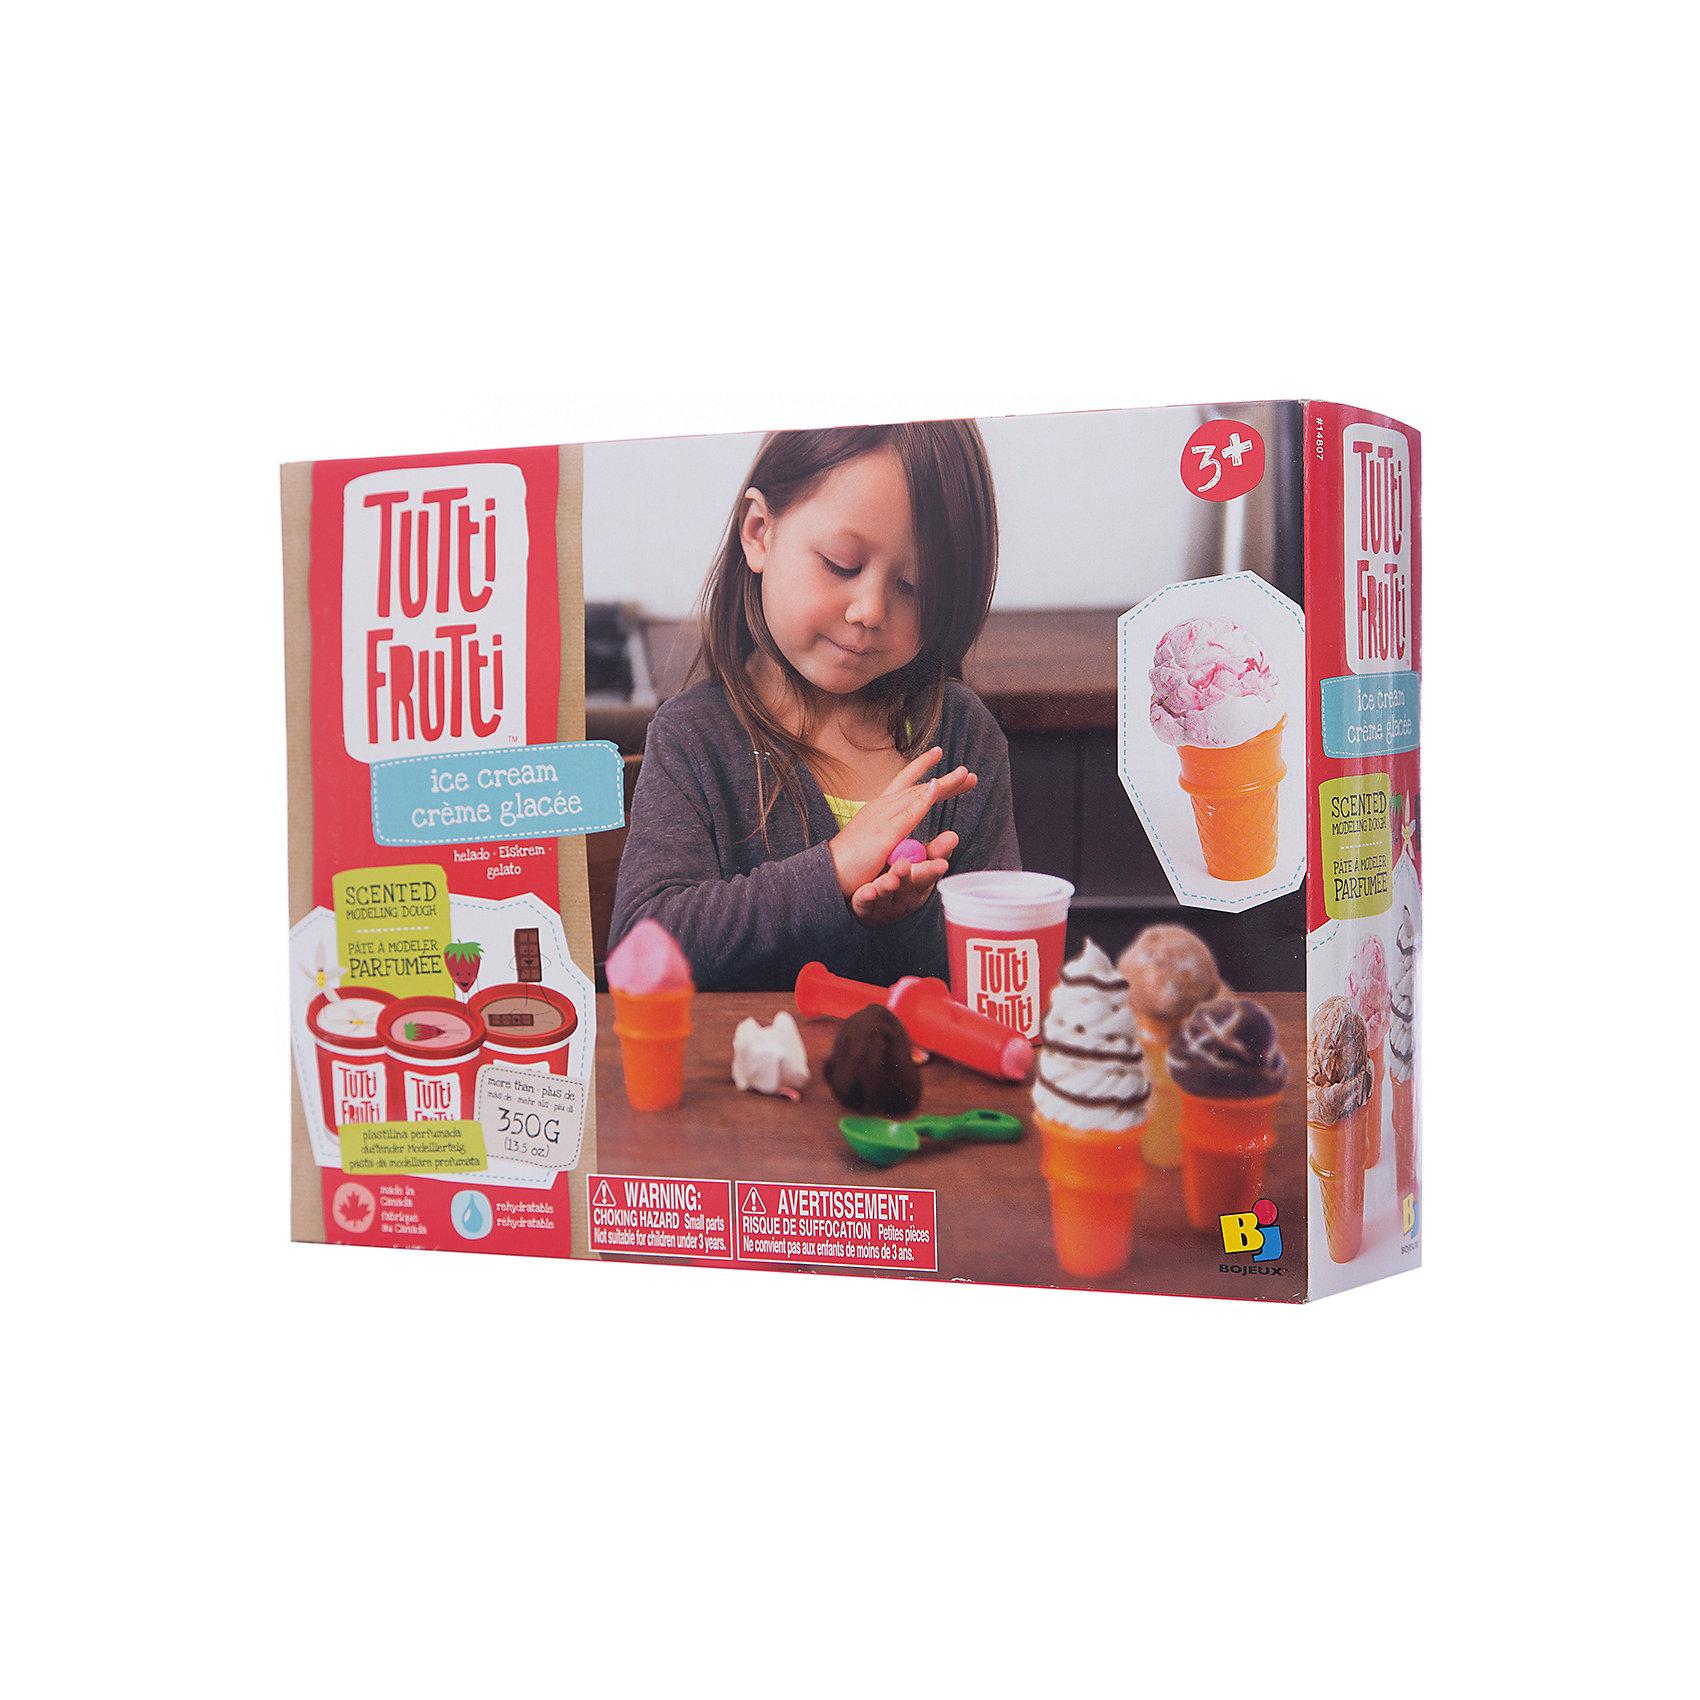 Мороженое - Набор массы для лепкиХарактеристики товара:<br><br>• упаковка: коробка<br>• комплектация: масса для лепки, инструменты, посуда и красочная инструкция<br>• масса приятно пахнет<br>• цветов: 3<br>• материал: мука, соль, вода<br>• возраст: от трех лет<br>• развивающая<br>• страна бренда: Канада<br>• страна производства: Канада<br><br>Лепка - отличный способ занять ребенка. Это не только занимательно, но и очень полезно! С помощью такого набора для творчества ребенок сможет сам сделать еду с помощью инструментов, а дальше - делать более сложные предметы. Эта масса для лепки - безопасный материал, который приятно пахнет, она сделана из муки, воды и соли. В комплекте - масса для лепки и инструменты.<br>Такое занятие помогает детям развивать многие важные навыки и способности: они тренируют внимание, память, логику, мышление, мелкую моторику, а также усидчивость и аккуратность. Изделие производится из качественных сертифицированных материалов, безопасных даже для самых маленьких.<br><br>Мороженое - Набор массы для лепки можно купить в нашем интернет-магазине.<br><br>Ширина мм: 182<br>Глубина мм: 72<br>Высота мм: 300<br>Вес г: 620<br>Возраст от месяцев: 36<br>Возраст до месяцев: 108<br>Пол: Женский<br>Возраст: Детский<br>SKU: 5075320